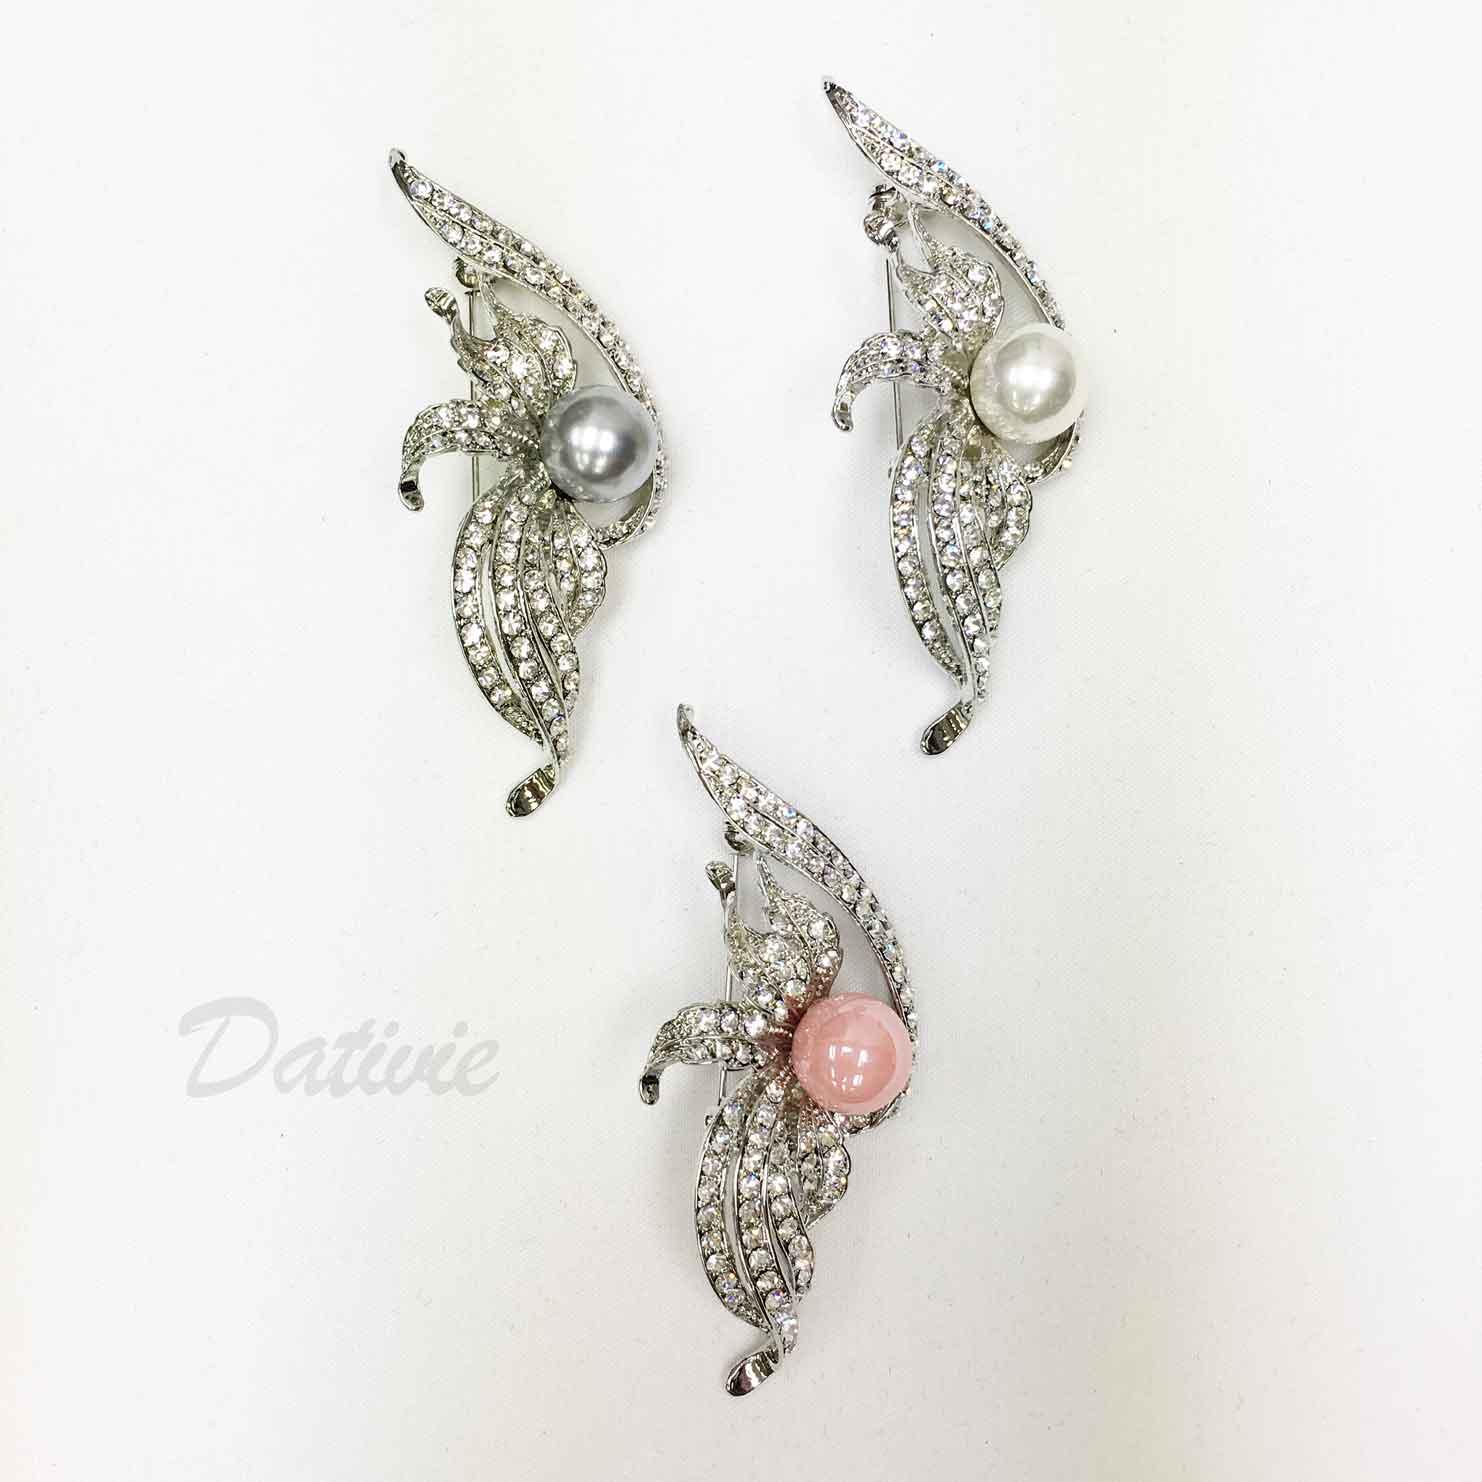 水鑽 翅膀 珍珠 葉子 線條 三色 單個 胸針